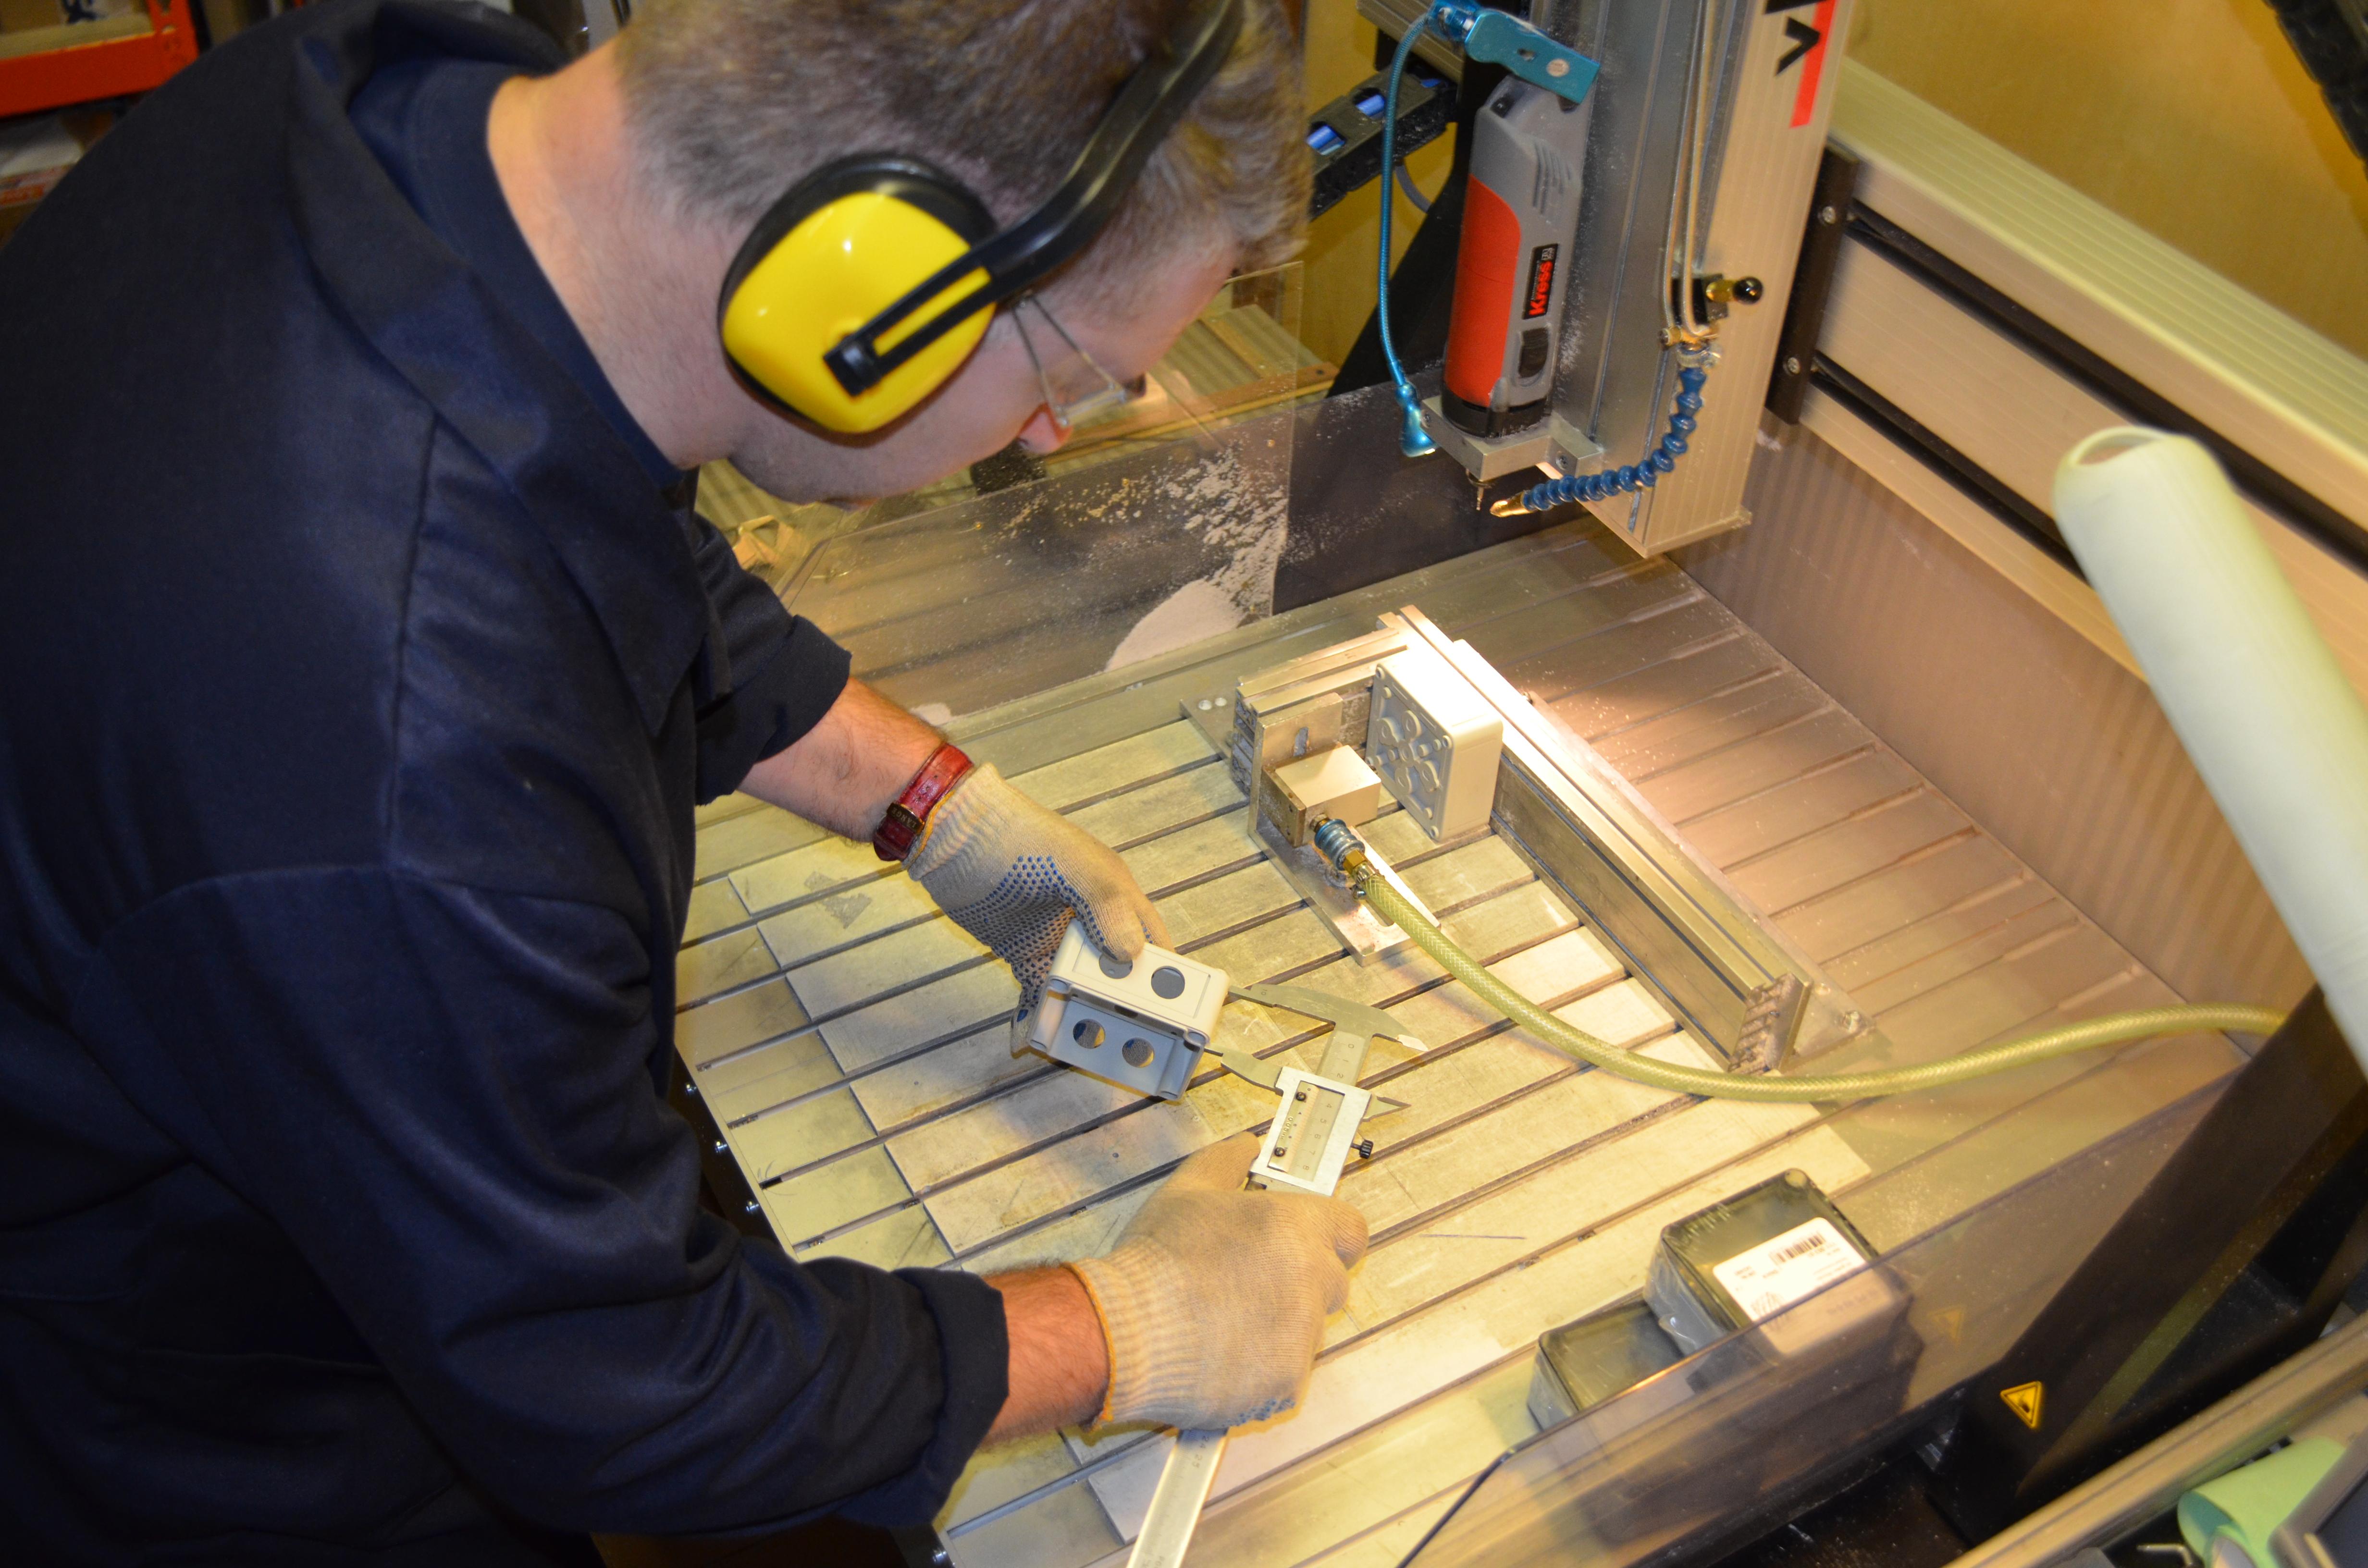 фрезеровка корпусов из алюминия и пластика